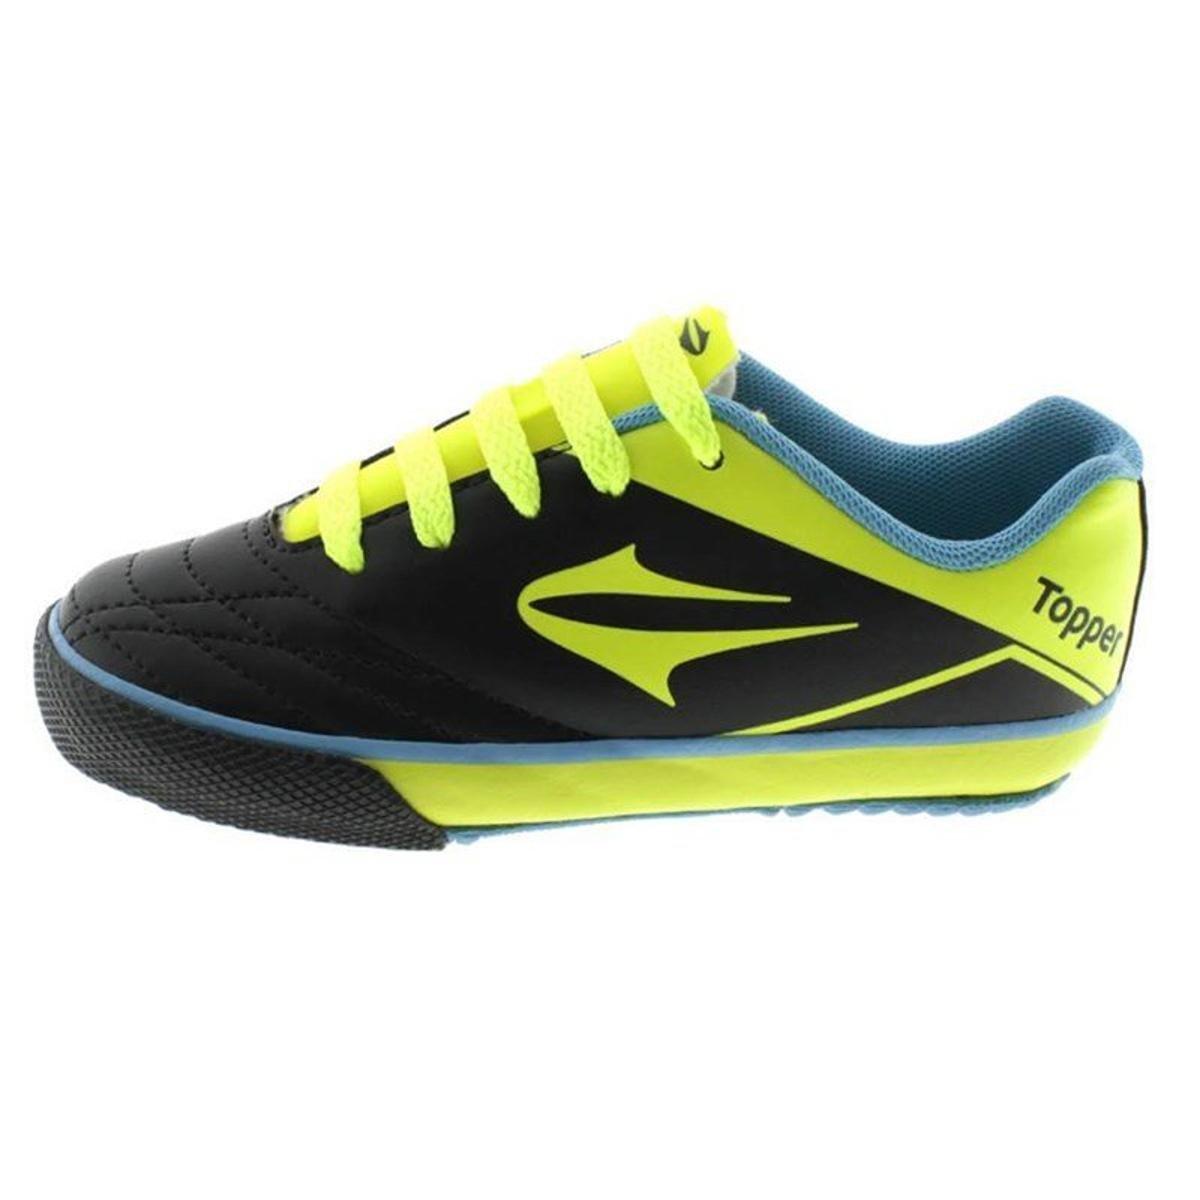 Chuteira Futsal Topper Frontier VII Infantil Masculina - Compre ... 3a5b81d586c1f